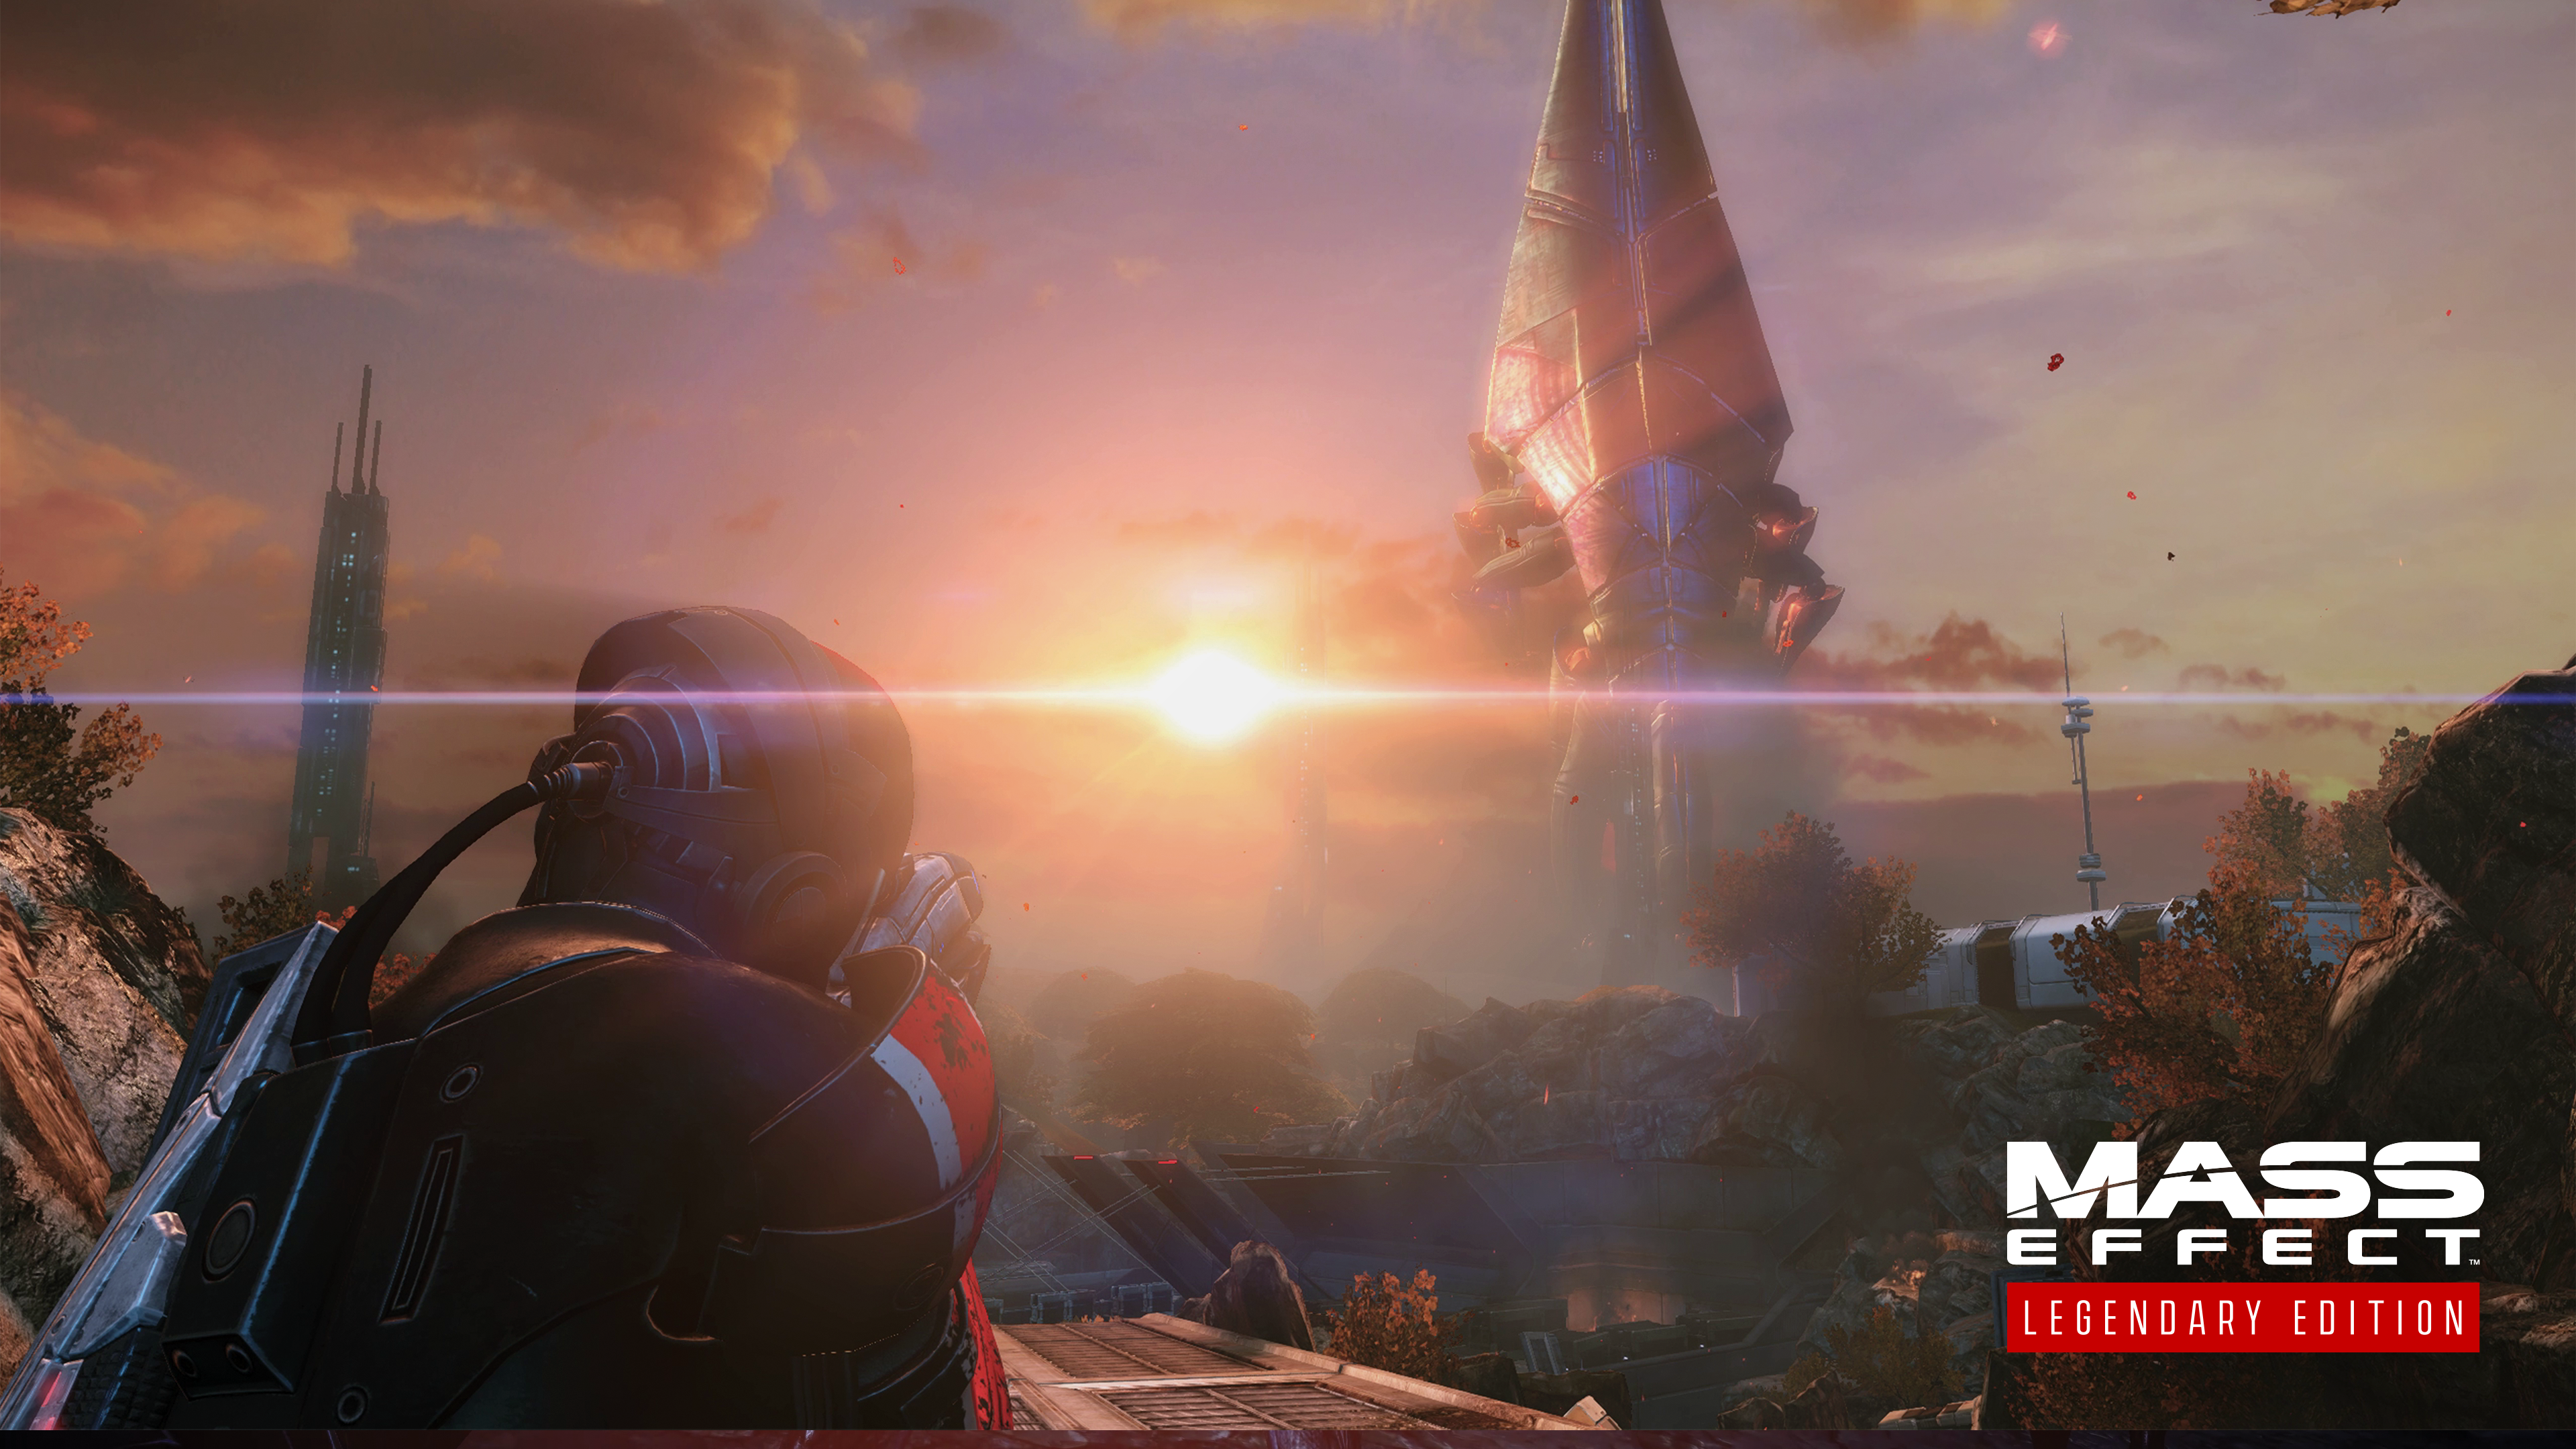 Mass+Effect+Legendary+Edition+_EDENPRIME_3840x2160